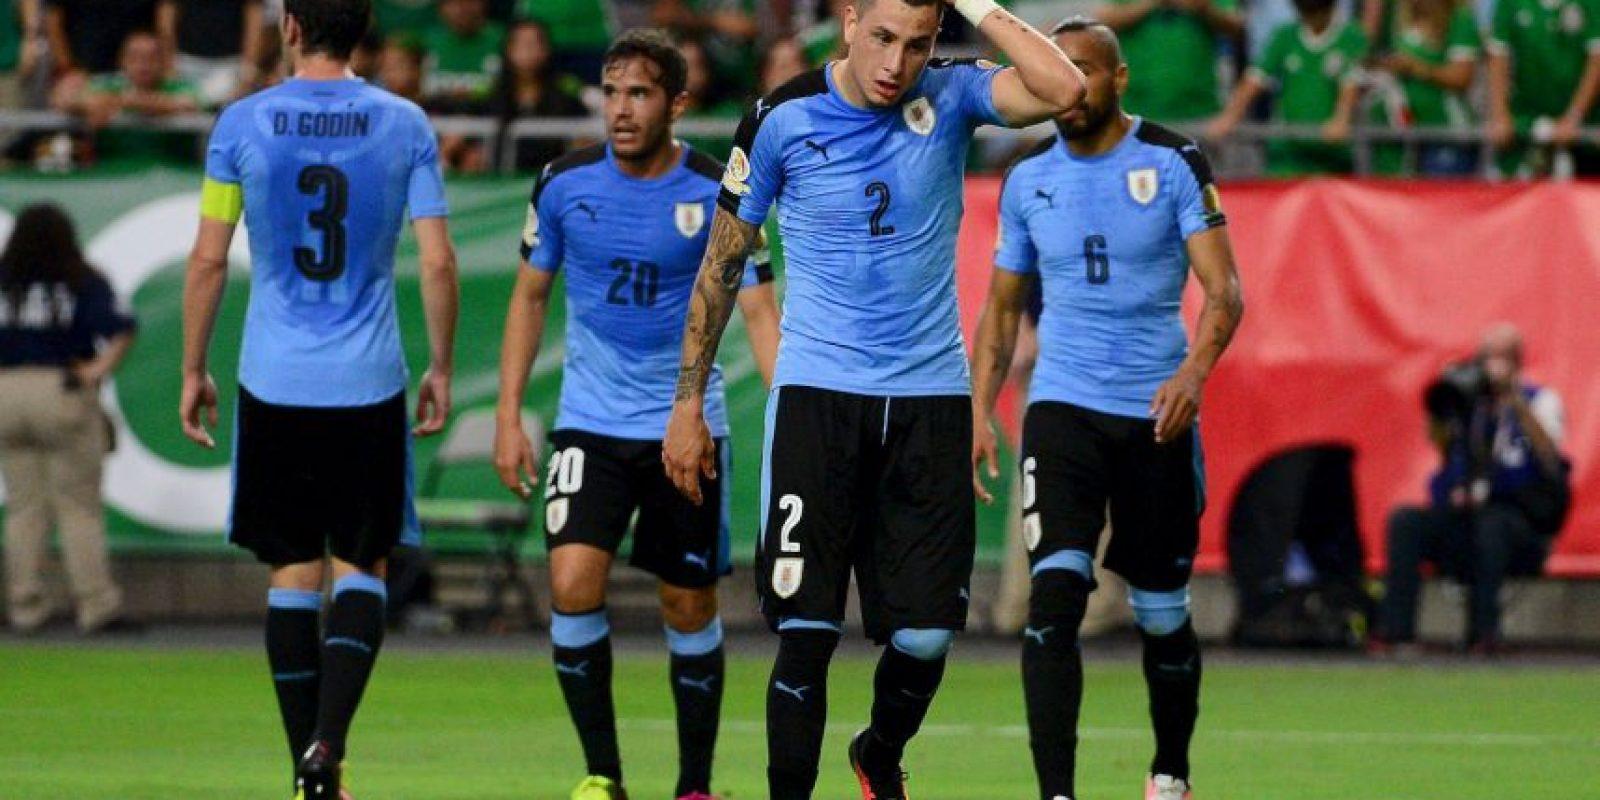 En caso de perder, Uruguay queda fuera del torneo de selecciones Foto:Getty Images